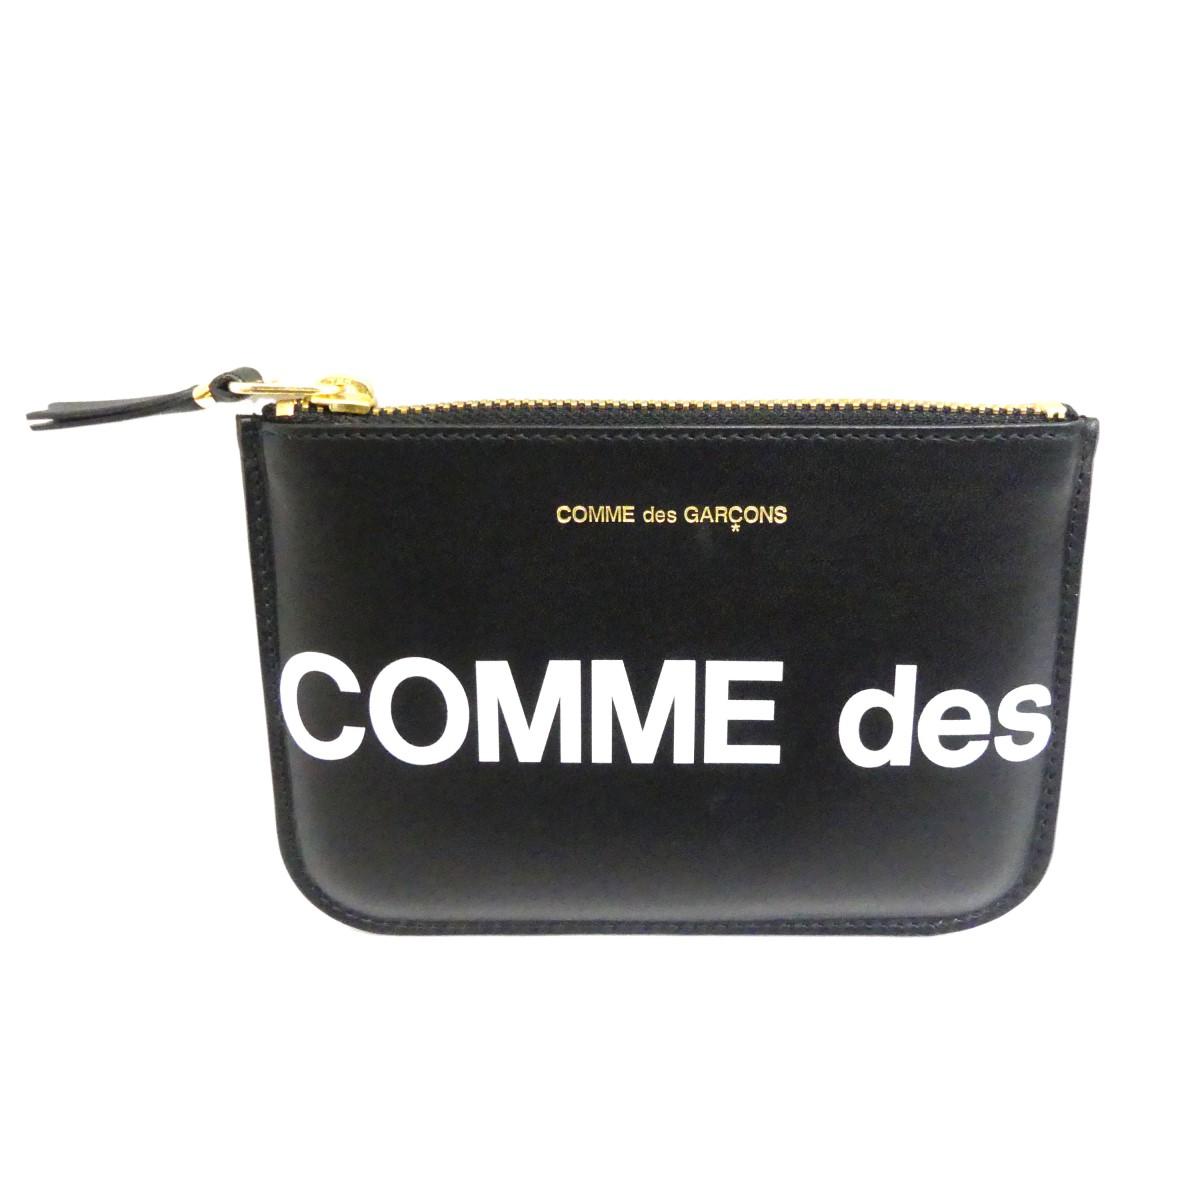 【中古】COMME des GARCONS HUGE LOGO COINCASE コインケース ブラック 【240120】(コムデギャルソン)